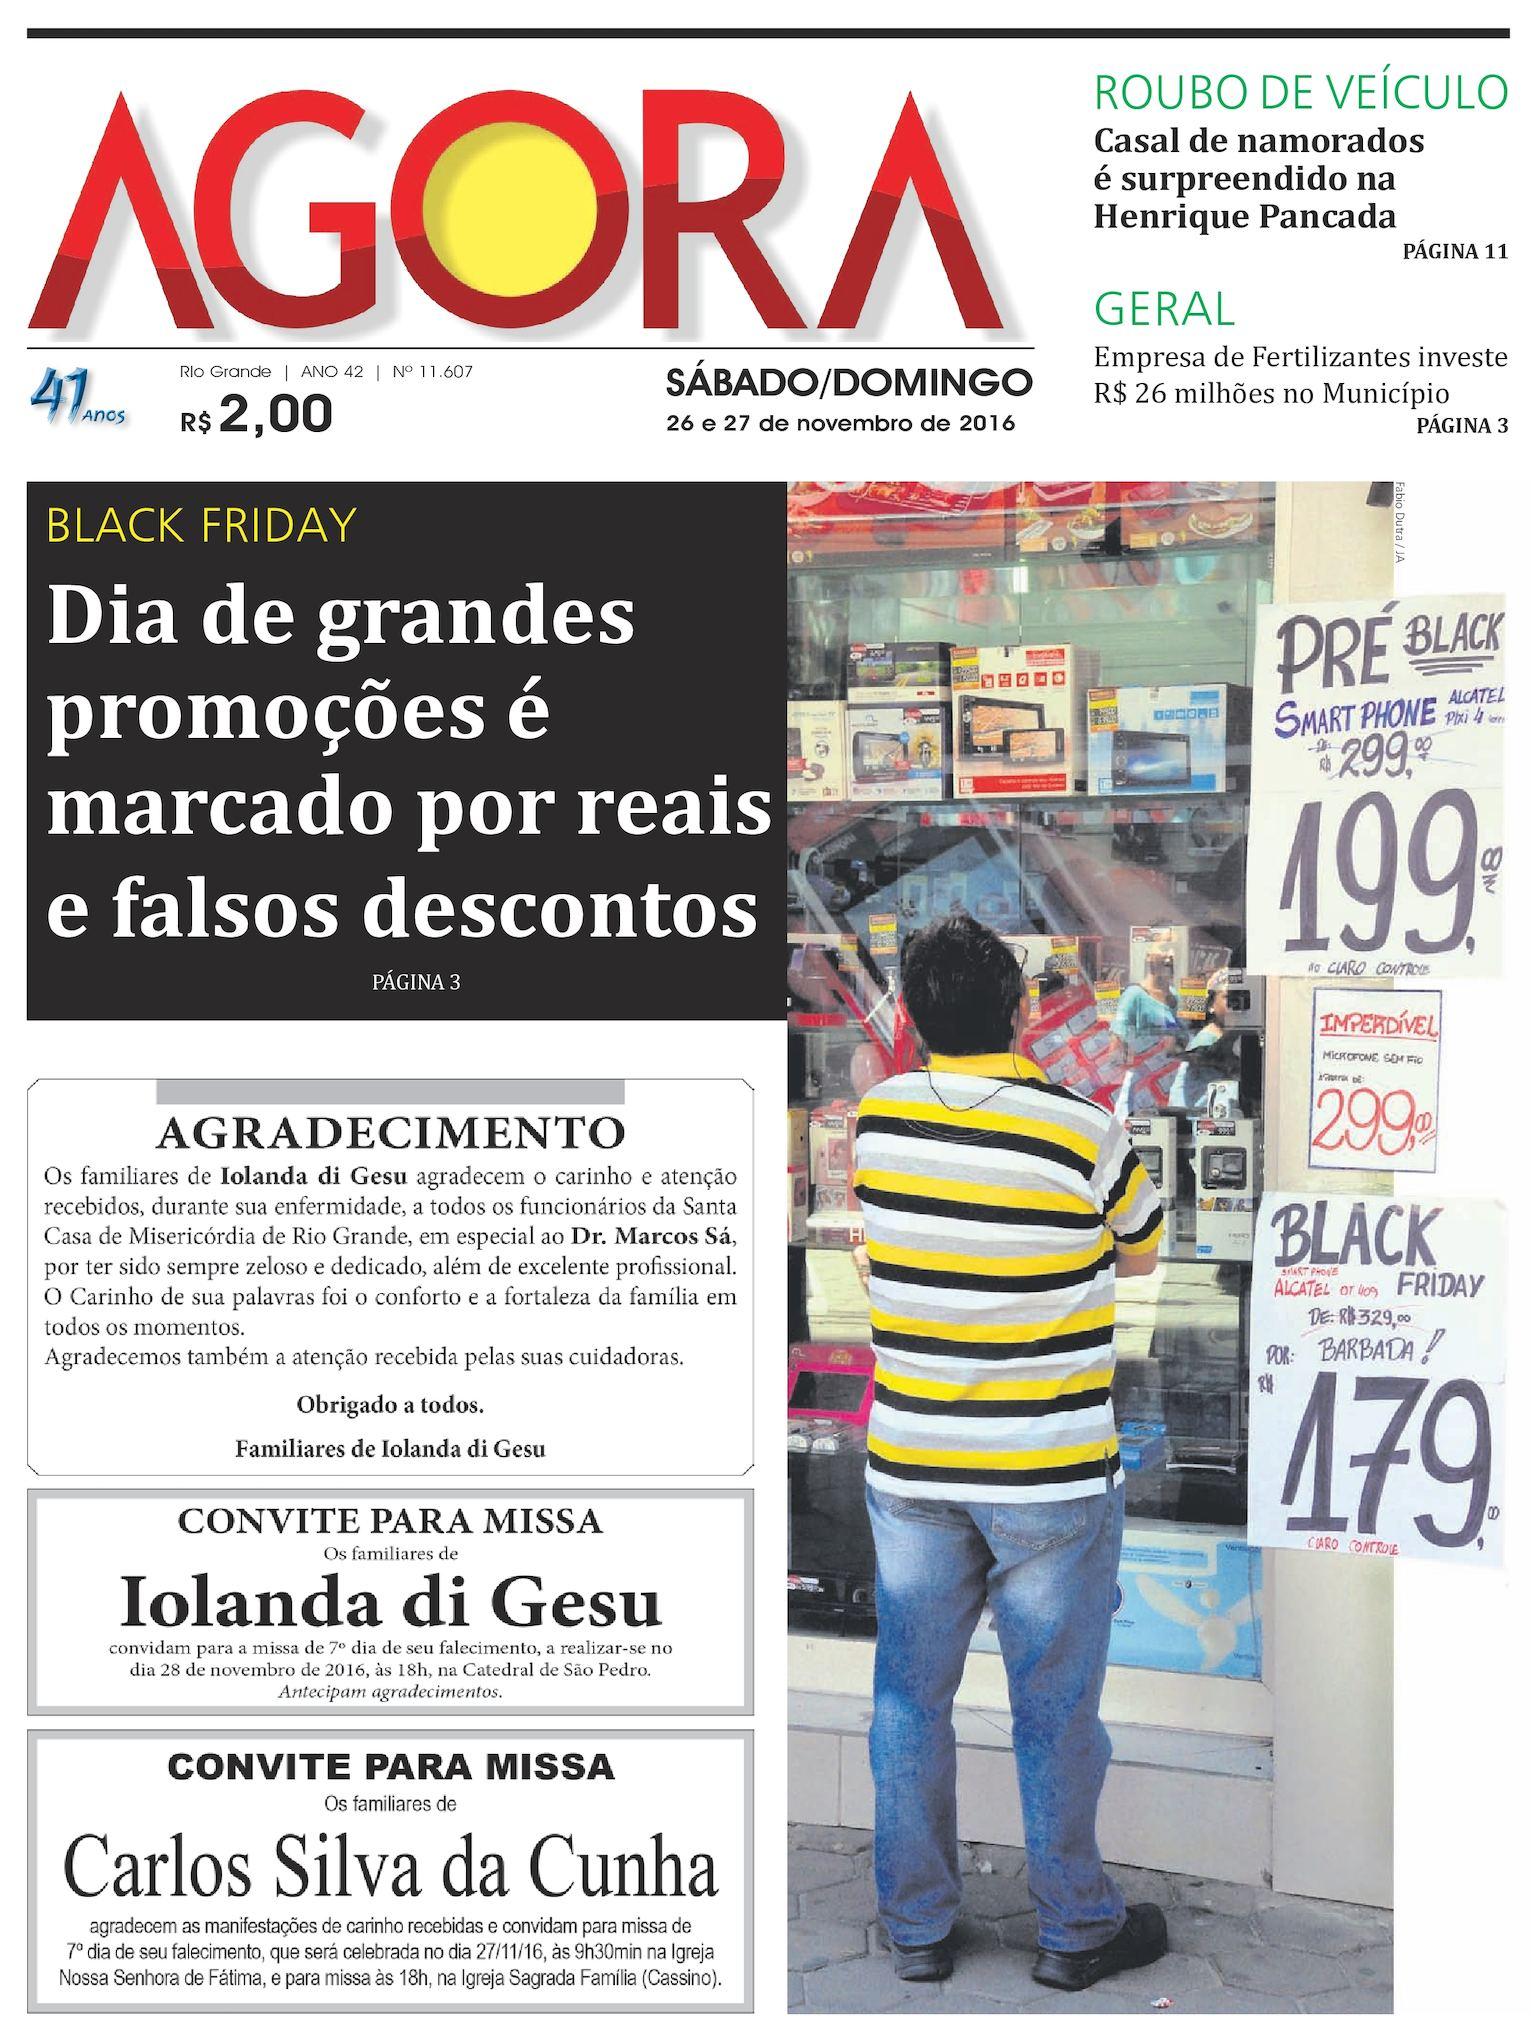 Calaméo - Jornal Agora - Edição 11607 - 26 e 27 de Novembro de 2016 d28e4b003e